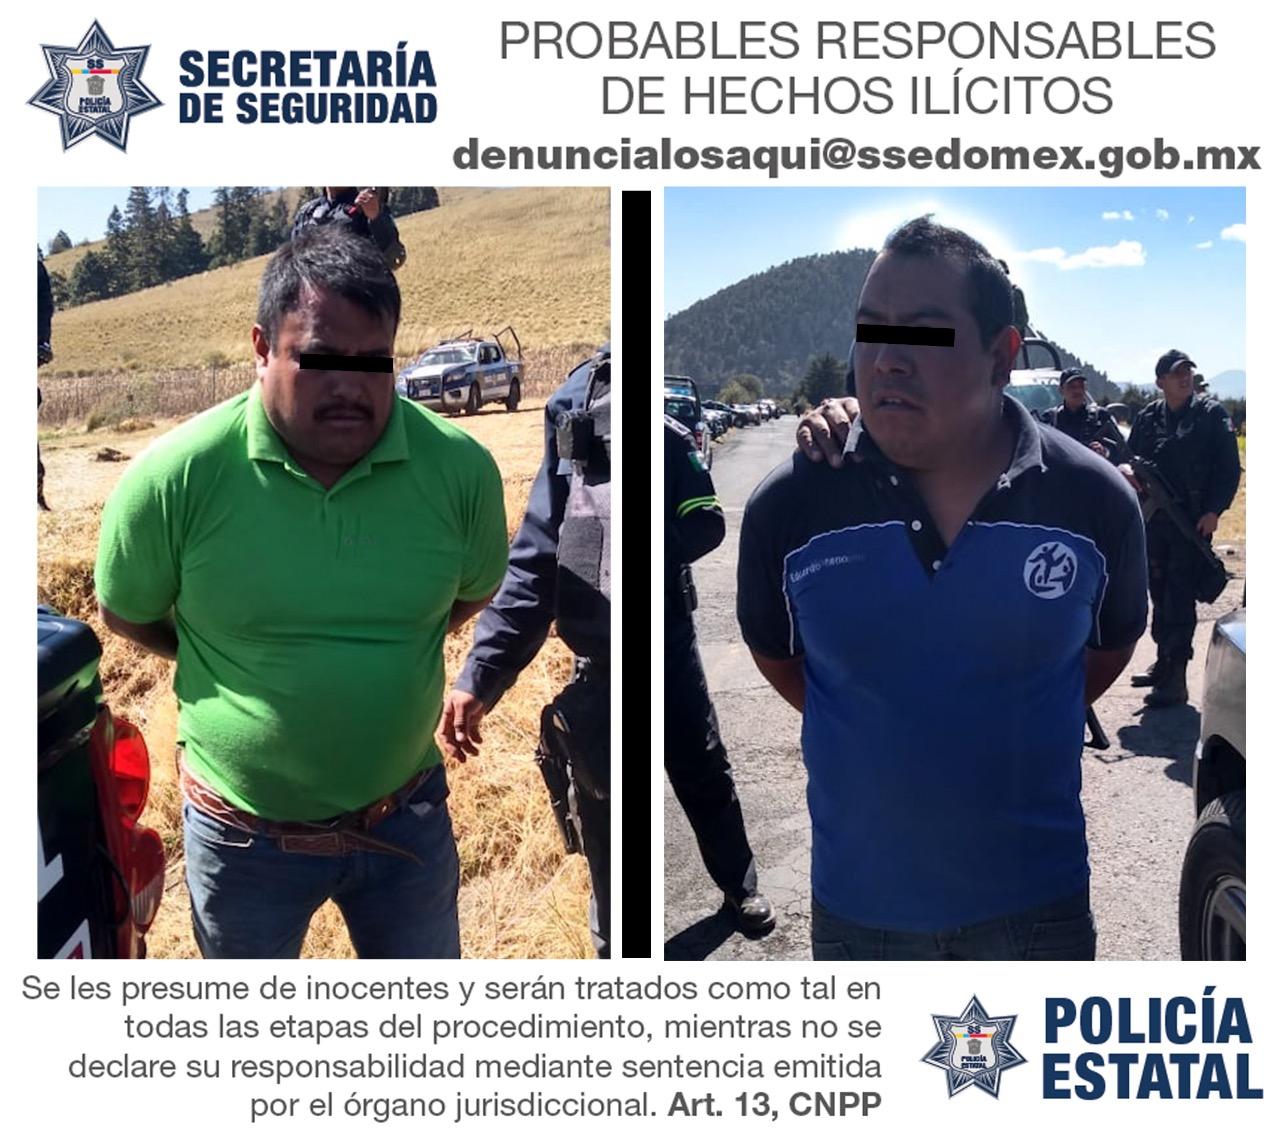 Detiene policía a dos presuntos talamontes después de enfrentamiento en Xalatlsco